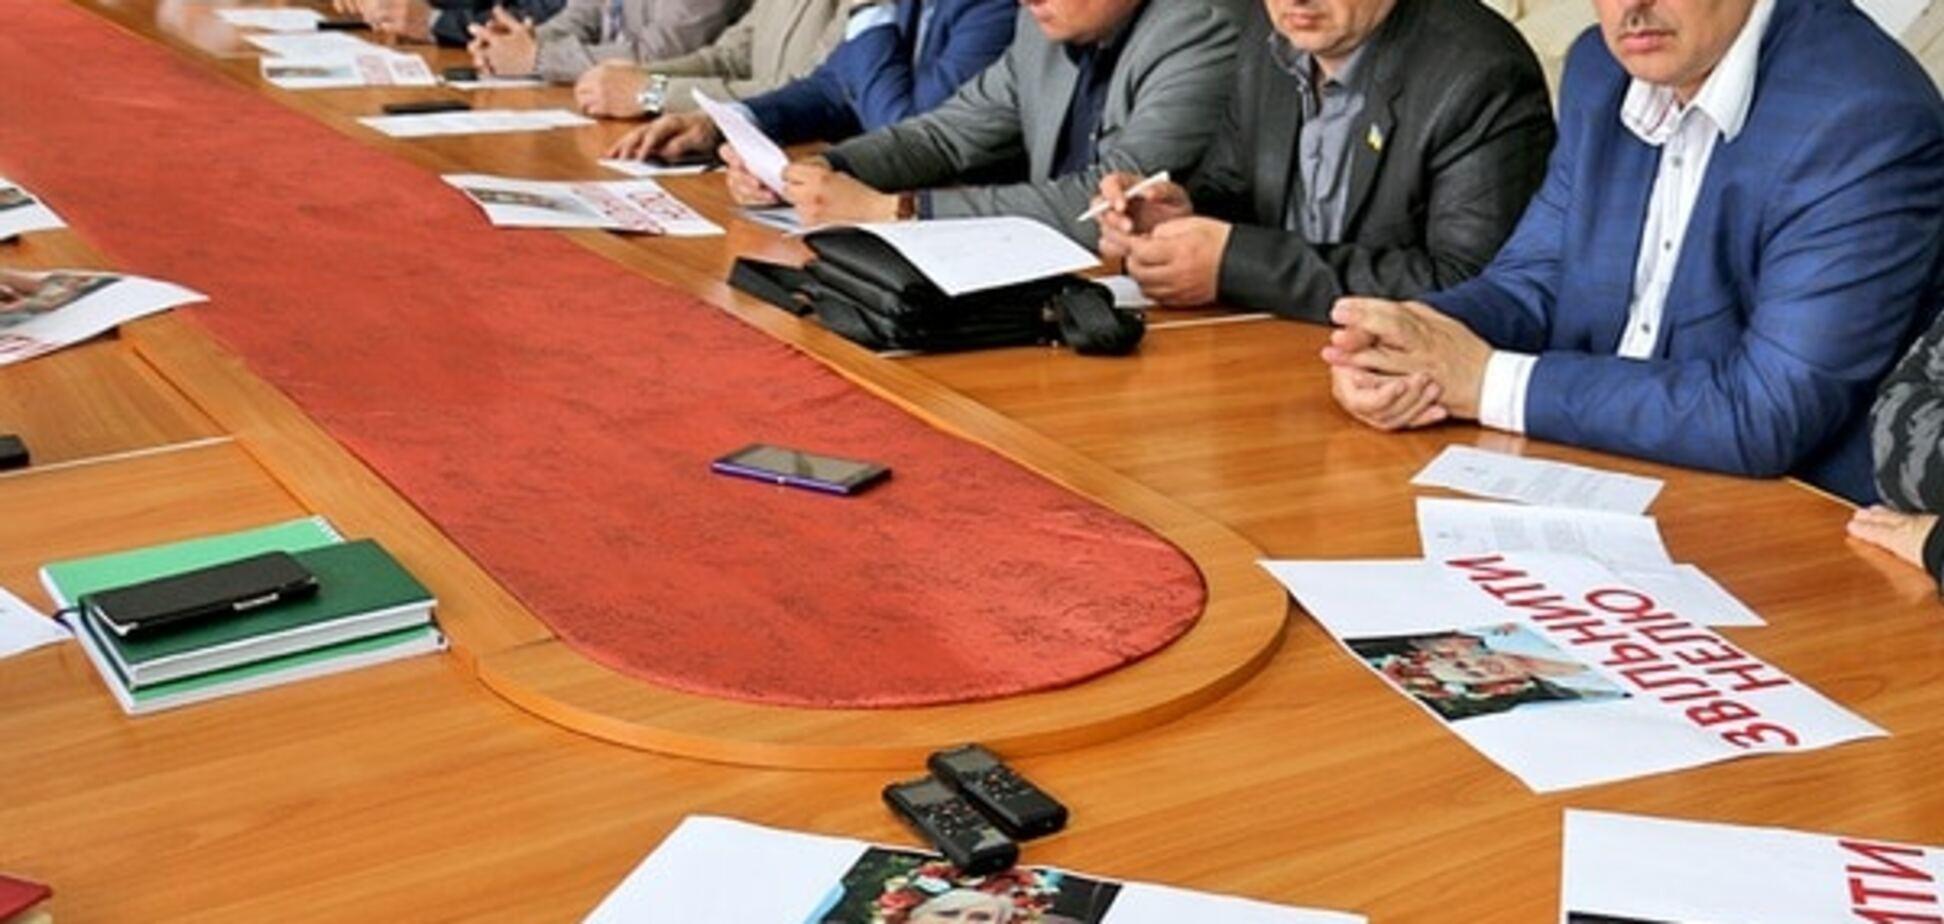 Міськрада Слов'янська проголосував за звільнення 'сепаратистки' Штепи